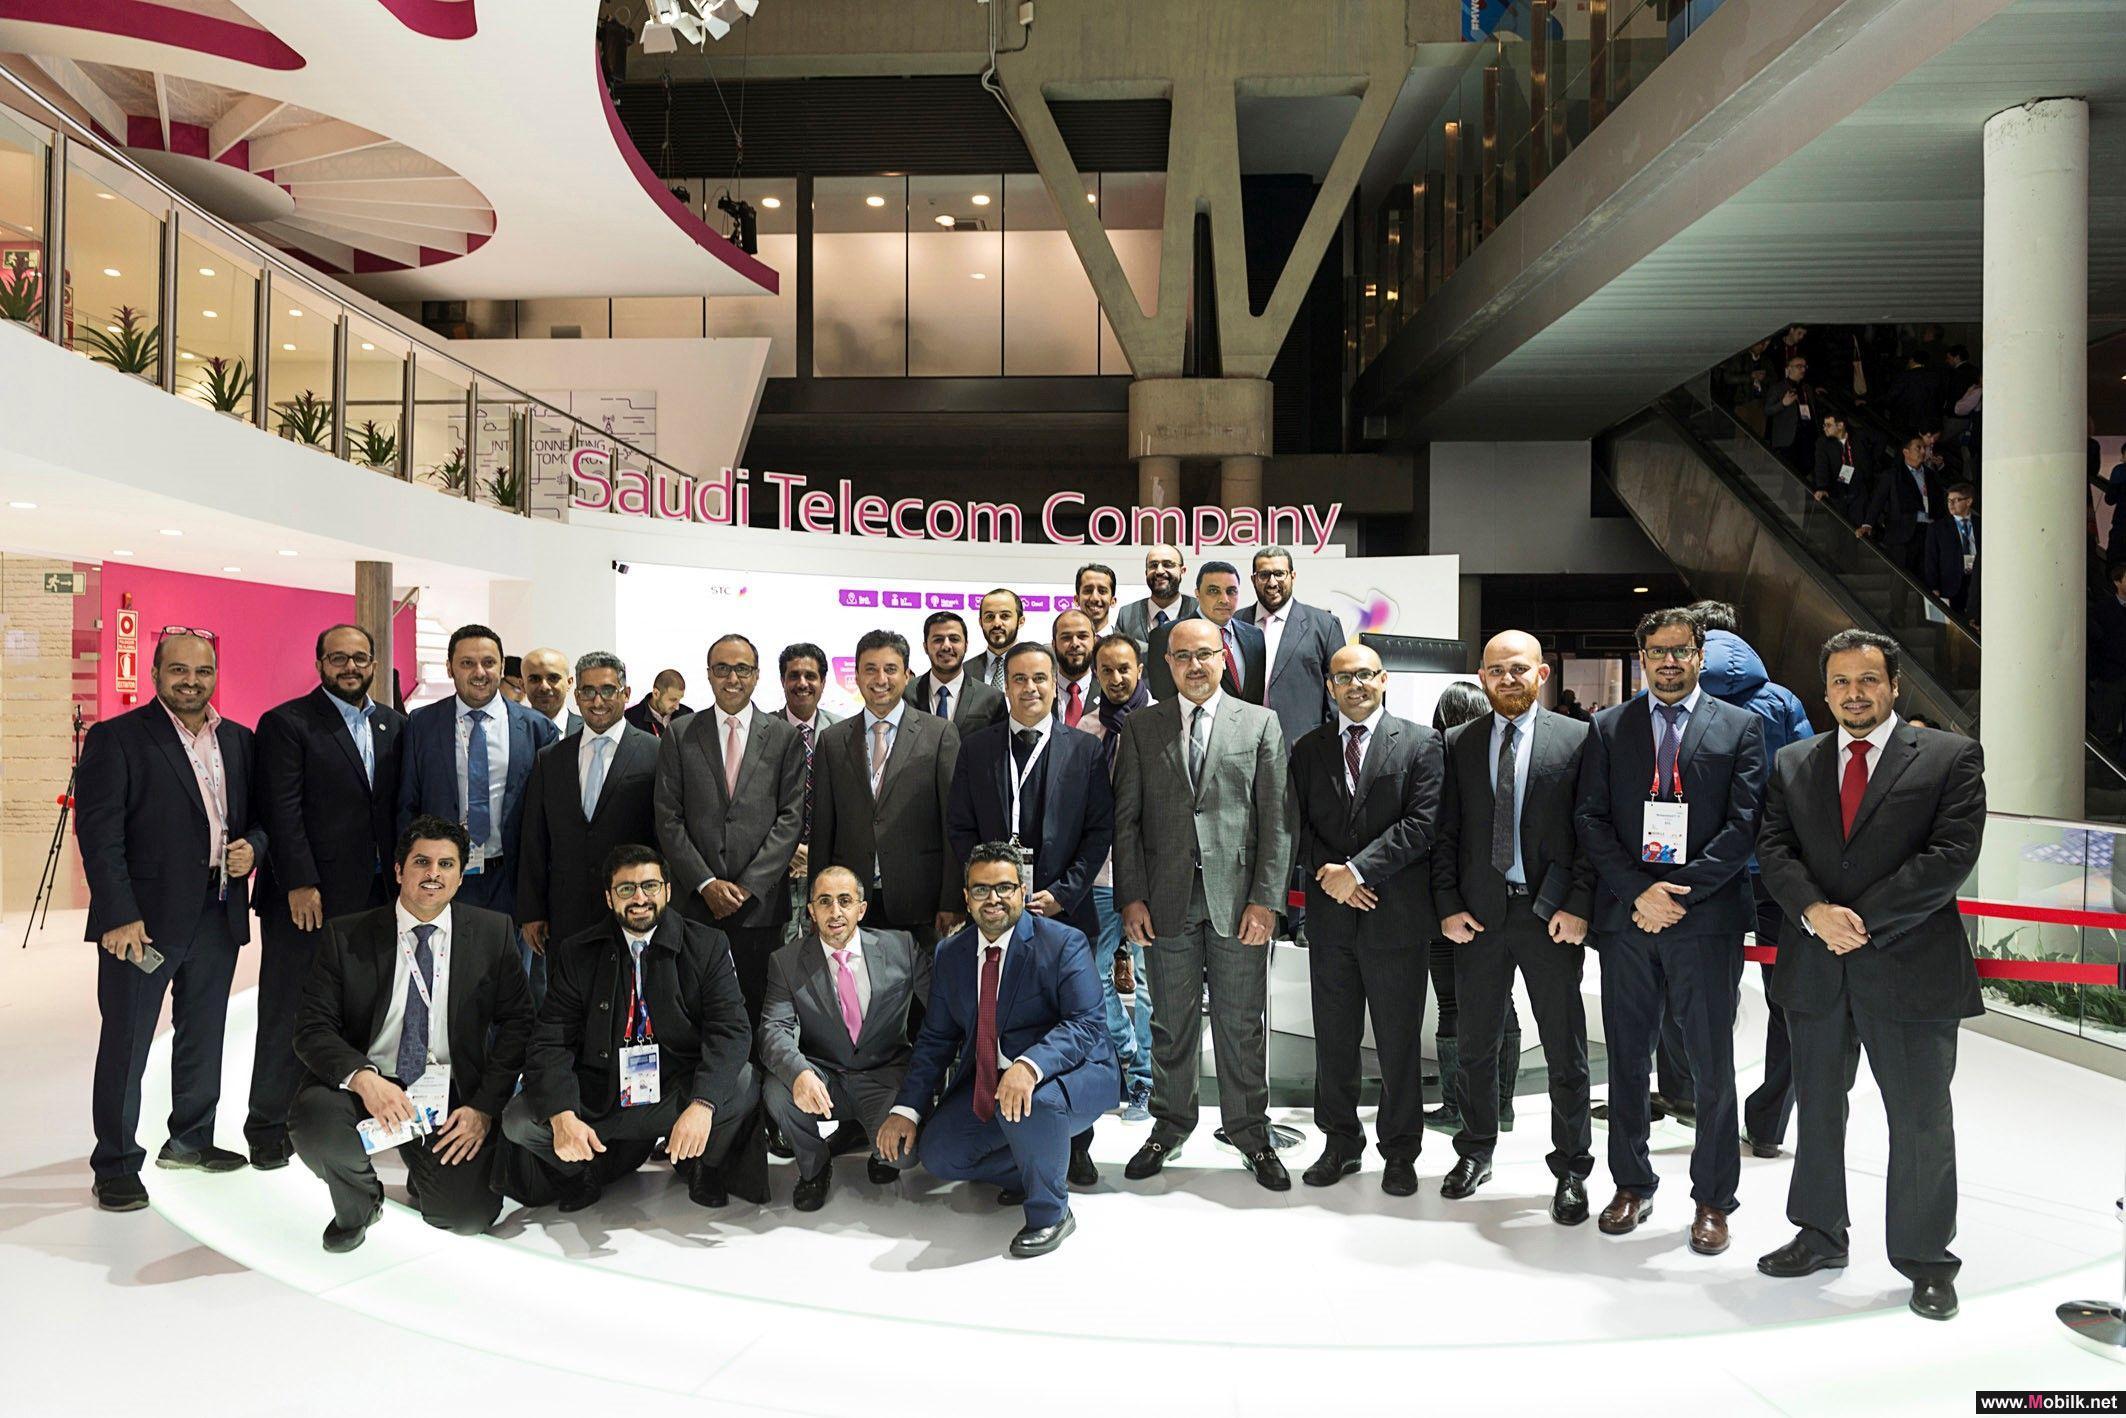 الاتصالات السعودية تسجل حضورا لافتا مع كبرى الشركات العالمية في المعرض العالمي للجوال ببرشلونة